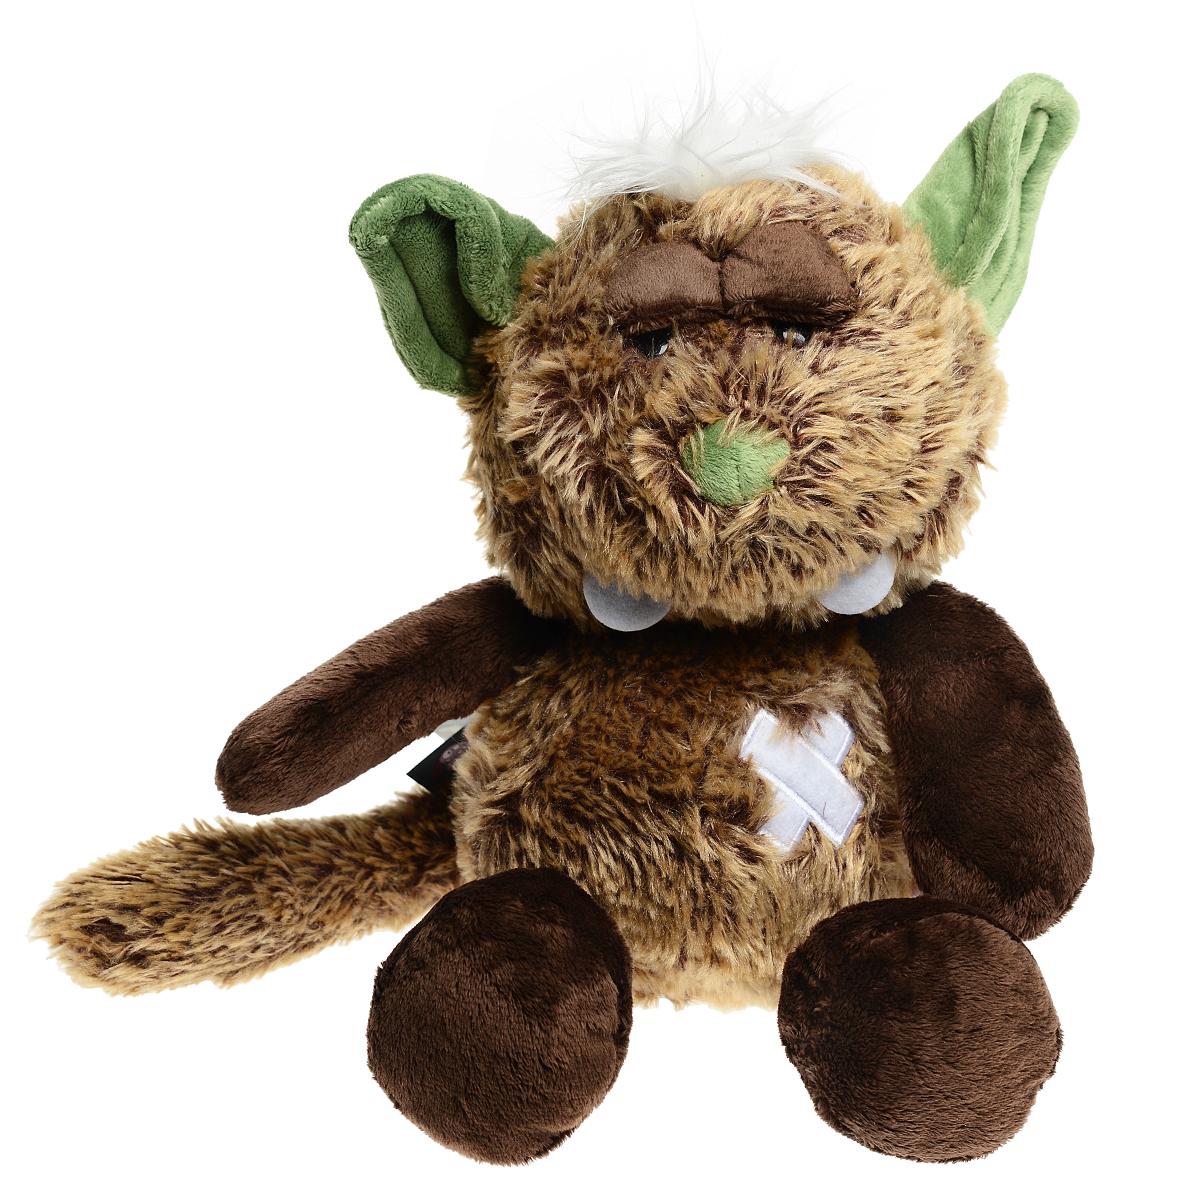 Мягкая игрушка Nici Монстр Упс, сидячая, 20 см35165Очаровательная мягкая игрушка Nici Монстр Упс подарит вашему ребенку много радости и веселья! Она выполнена из мягких материалов с набивкой из синтепона в виде милого коричневого монстрика с зелеными ушами и носом, большими зубами и пластырем на животике. Игрушка удивительно приятна на ощупь. Гранулы, используемые при ее набивке, способствуют развитию у ребенка мелкой моторики пальчиков. Чудесная мягкая игрушка принесет радость и подарит своему обладателю мгновения нежных объятий и приятных воспоминаний. NICI - немецкая компания, являющаяся одним из лидеров на Европейском рынке мягких игрушек и подарков. Игрушки NICI стали неотъемлемой частью жизни многих людей в самых разных уголках нашей планеты.